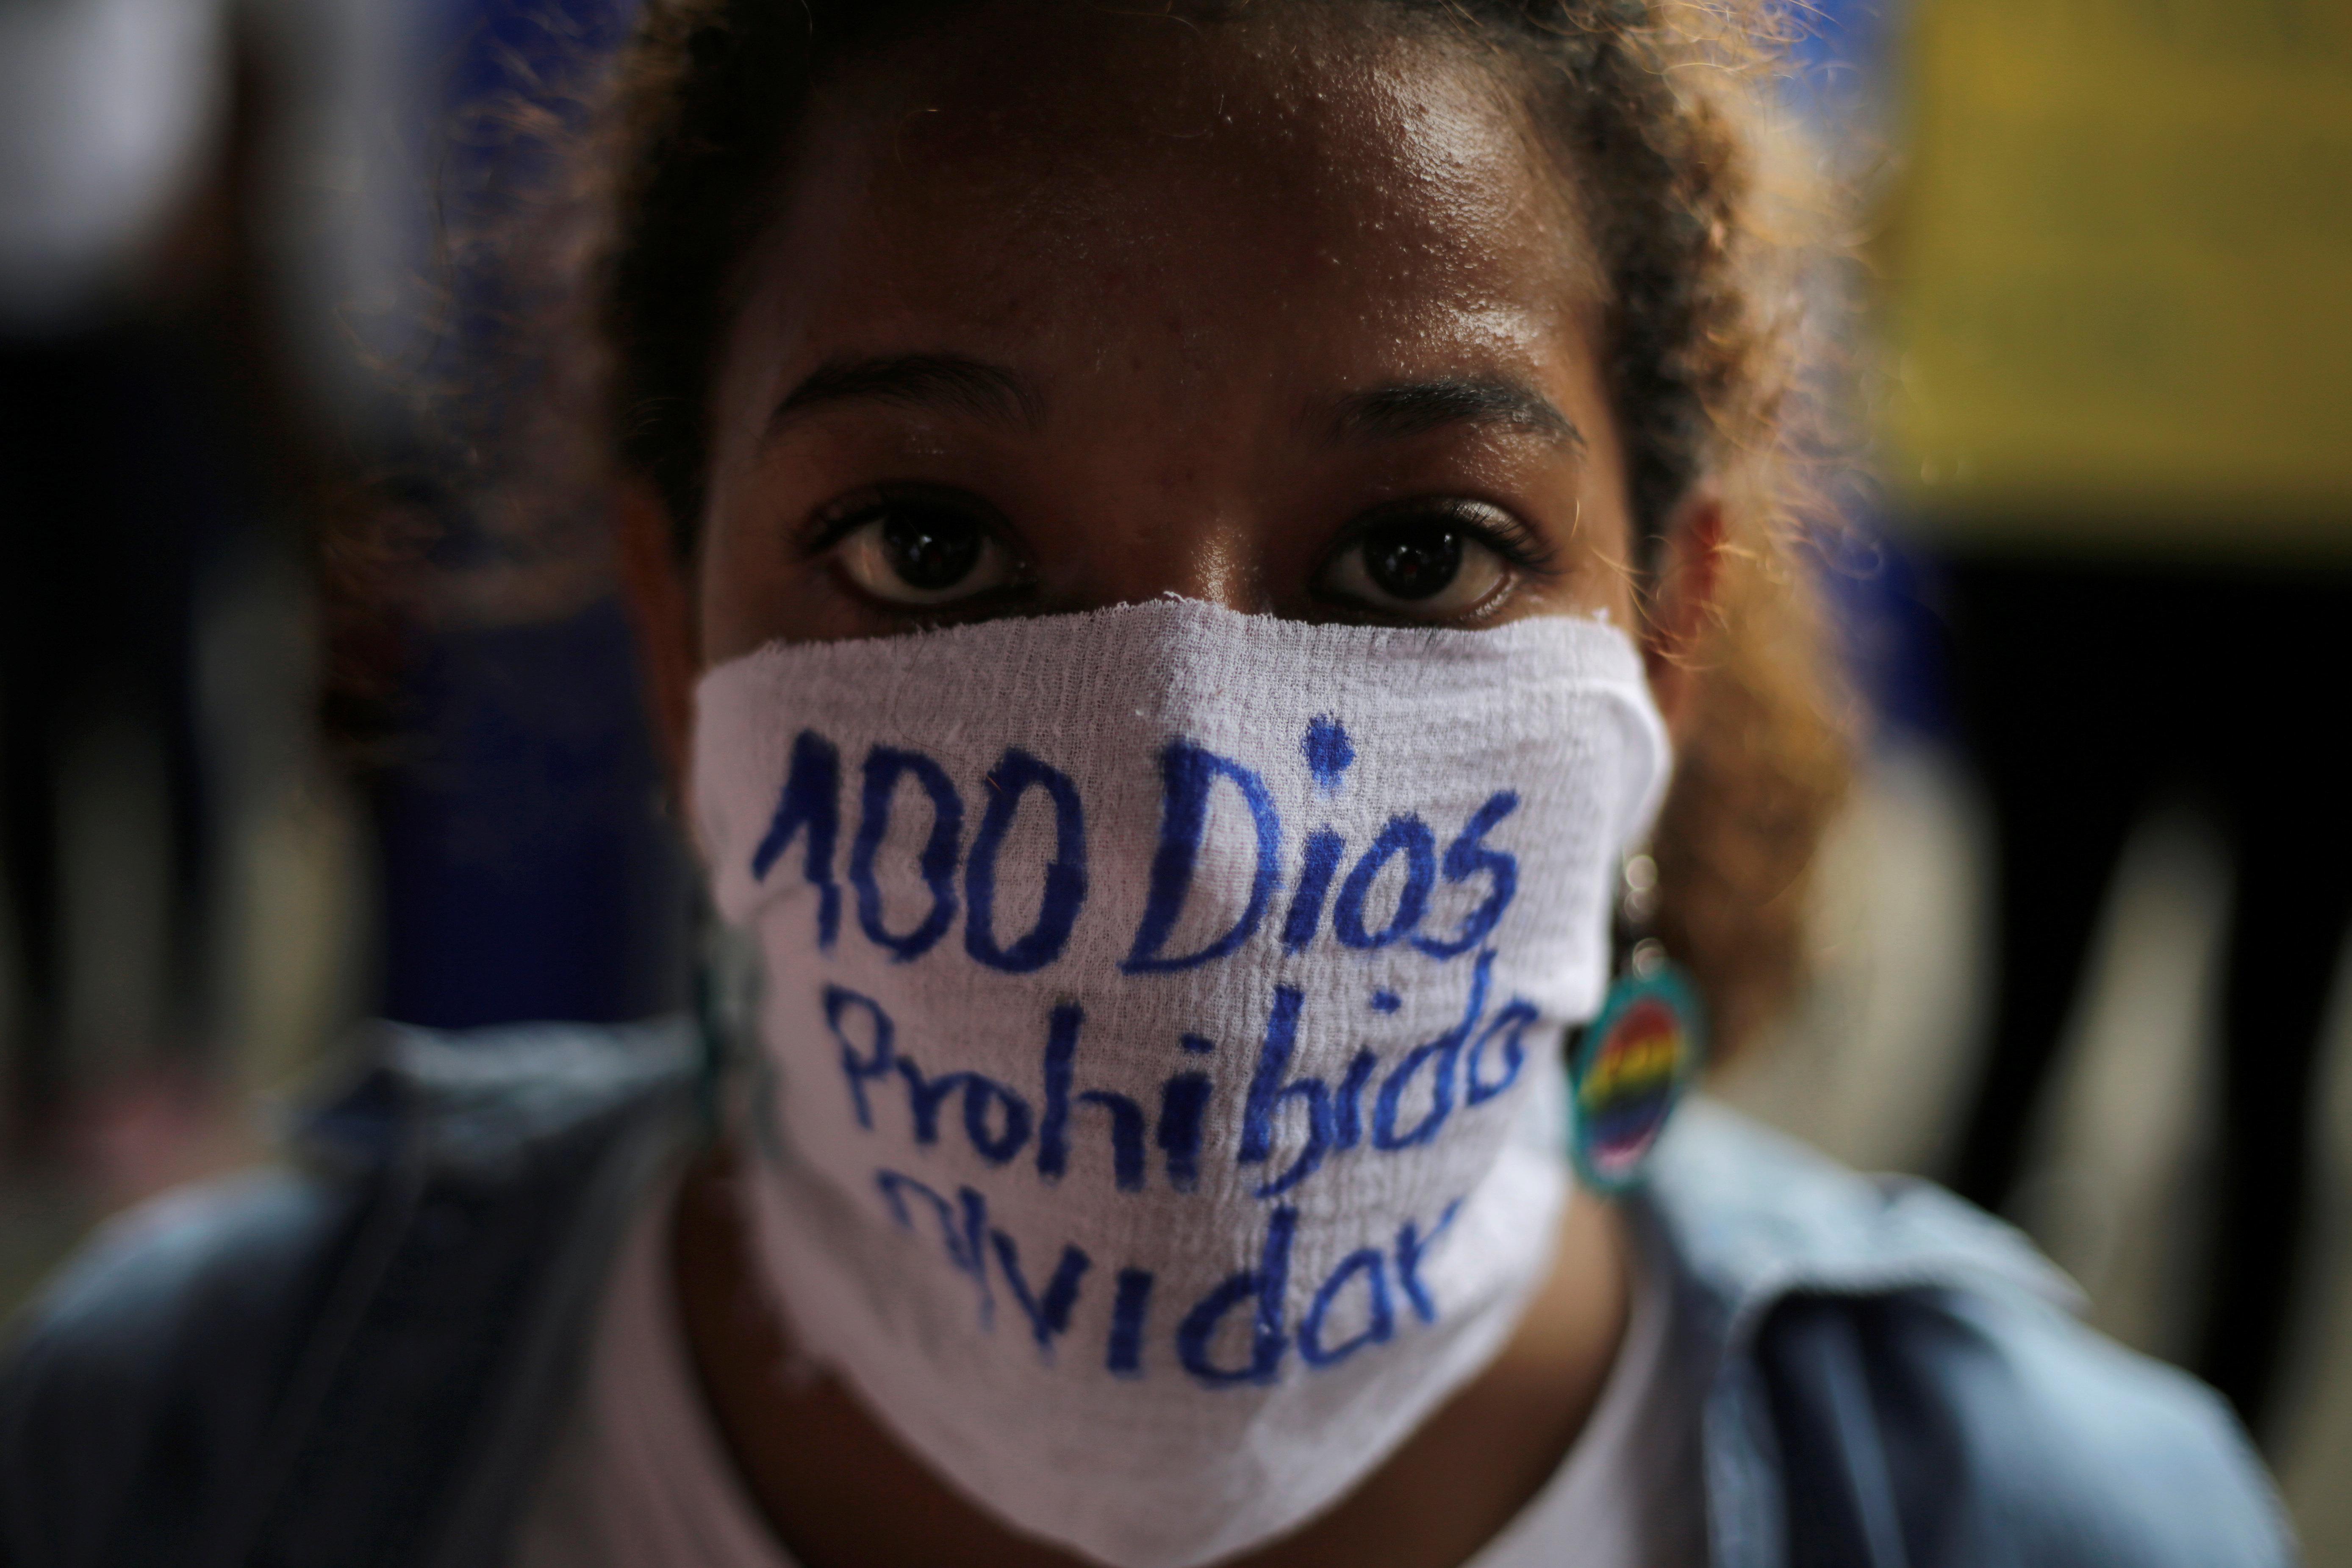 Νικαράγουα: Γιατροί καταγγέλλουν ότι απολύθηκαν επειδή προσέφεραν φροντίδες σε αντικυβερνητικούς